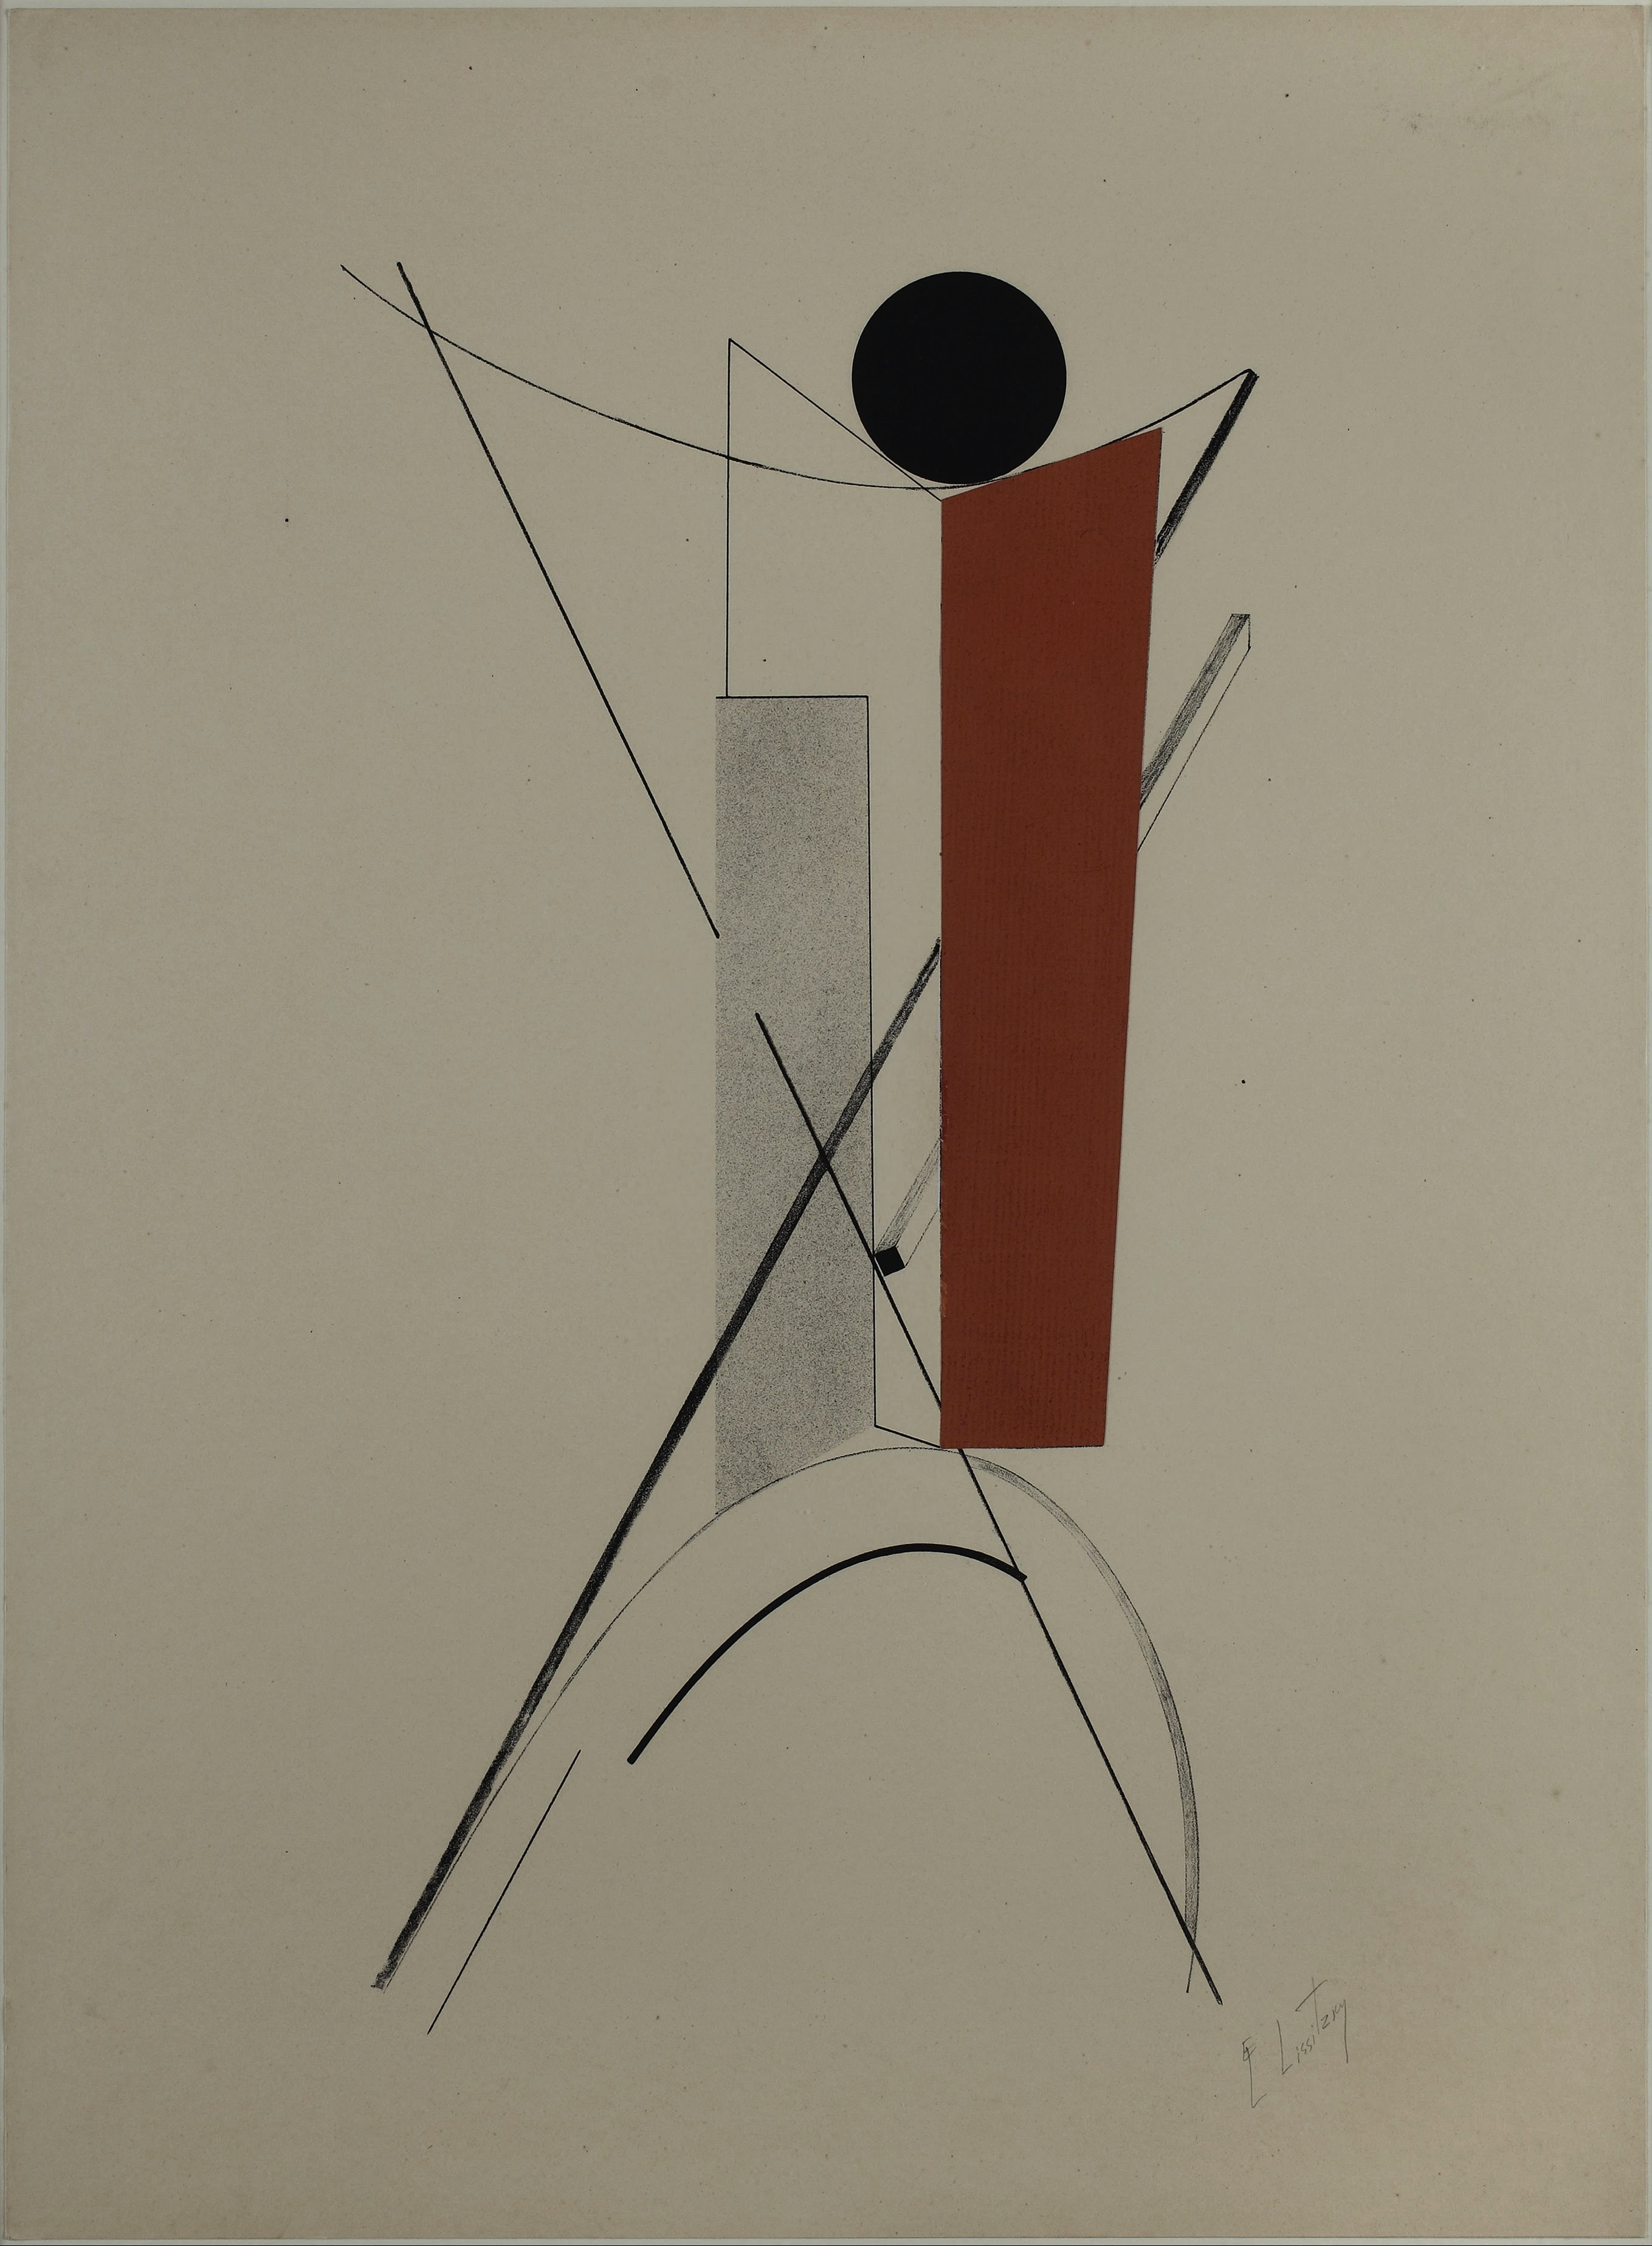 El Lissitzky, PROUN Hannover 3 (1920)